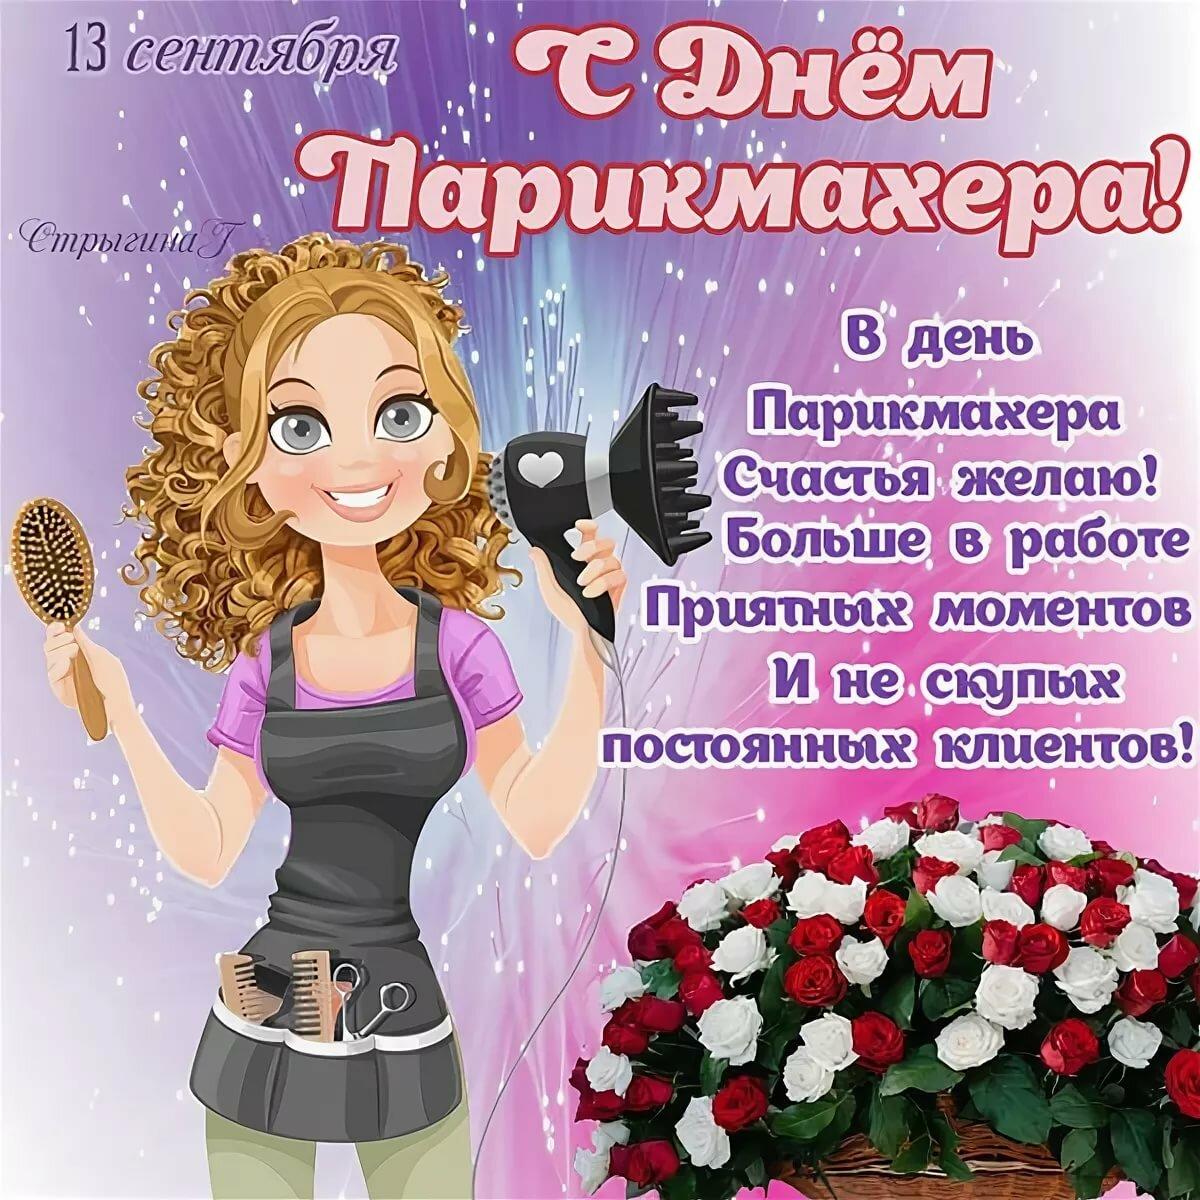 Шуточные поздравления женщине парикмахеру